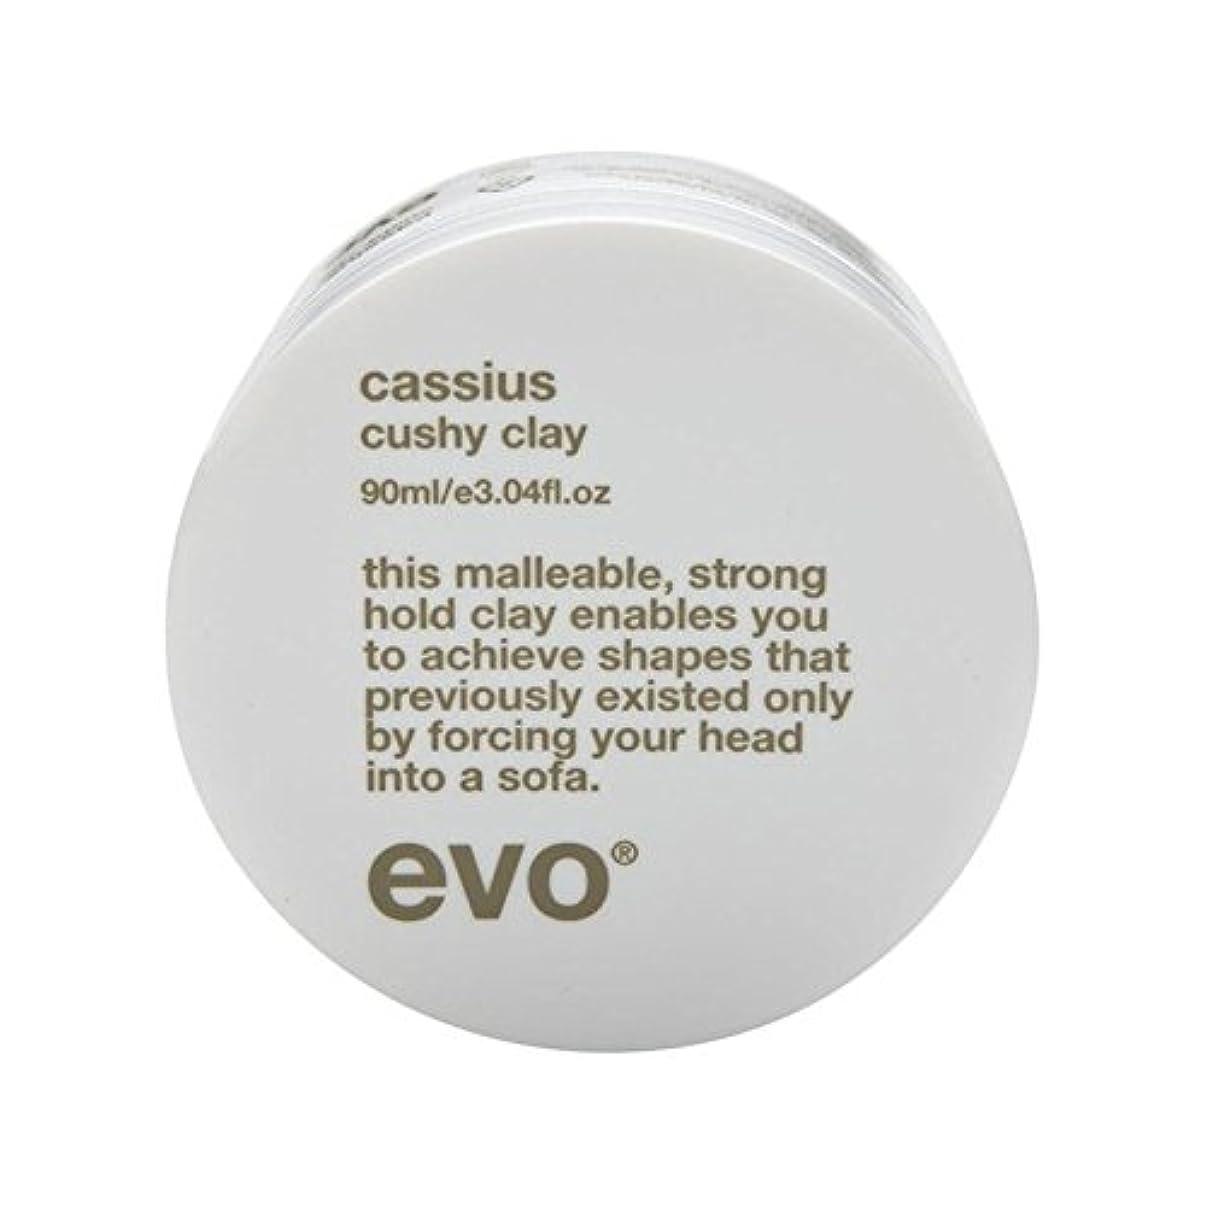 運ぶしかし教エボカシウス楽な粘土90グラム x4 - Evo Cassius Cushy Clay 90G (Pack of 4) [並行輸入品]